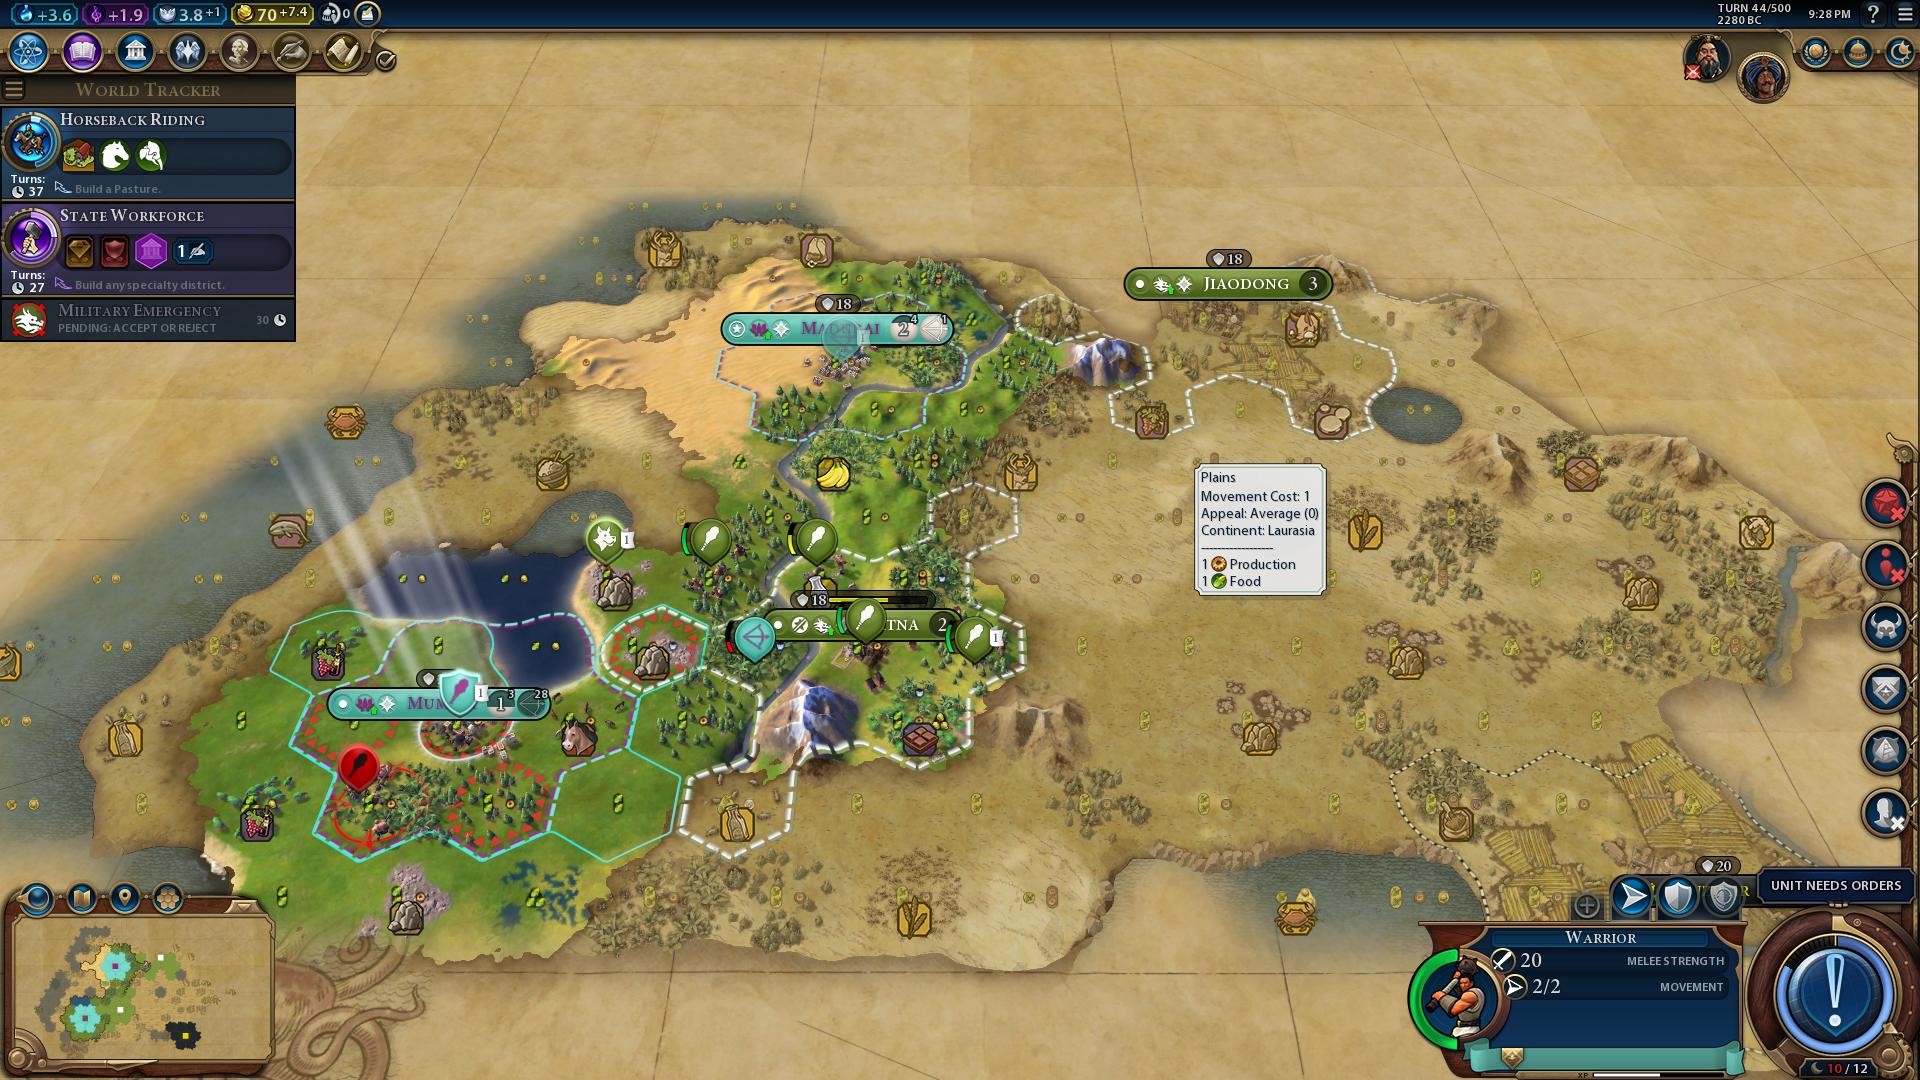 Sid Meier's Civilization VI (DX11) 6_14_2018 9_28_47 PM.png